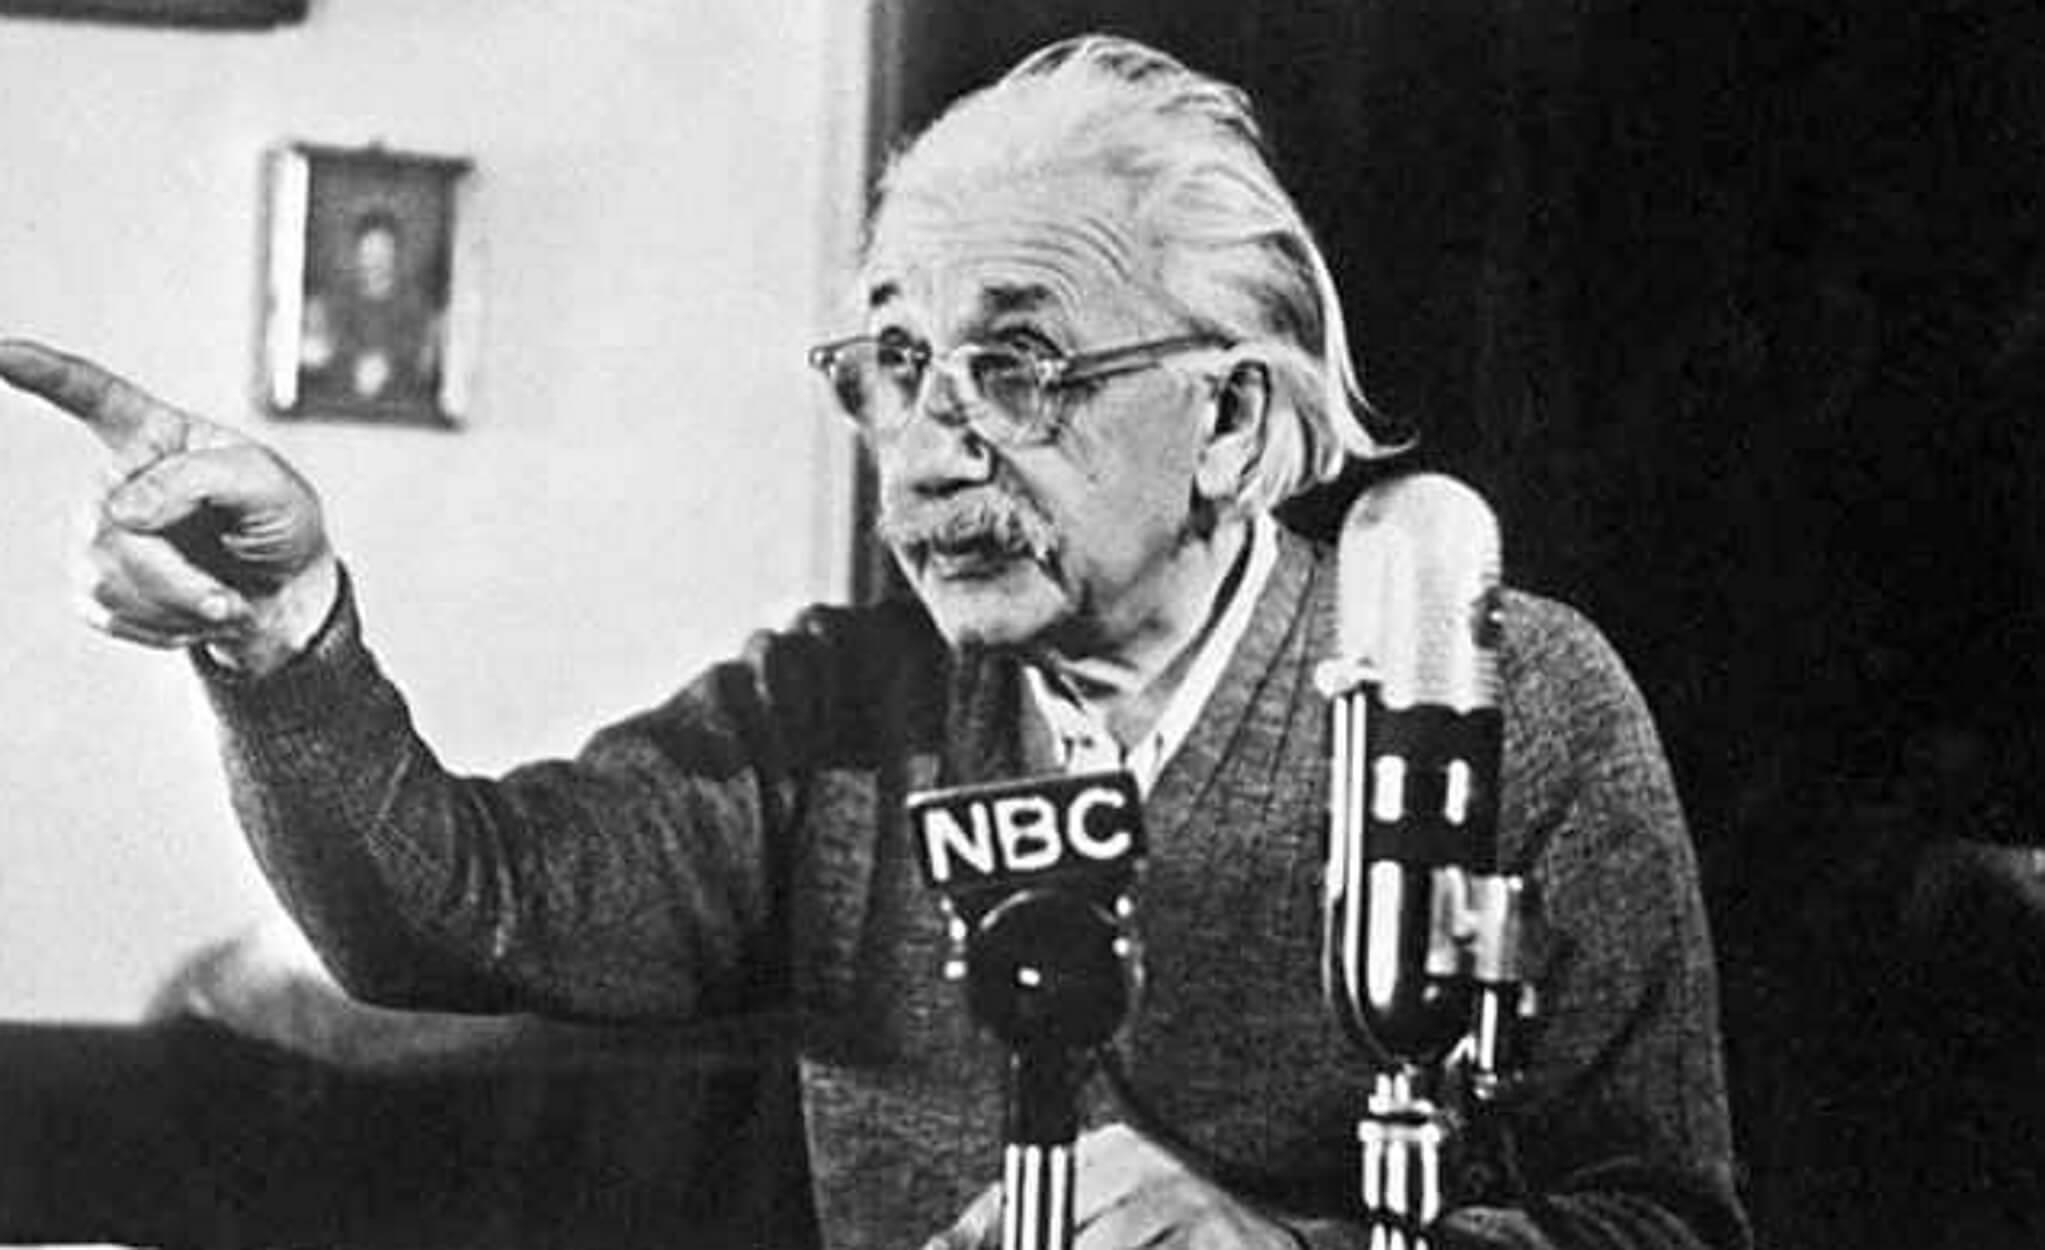 Αϊνστάιν: 100 χρόνια από την ιστορική επιβεβαίωση της Θεωρίας της Σχετικότητας!